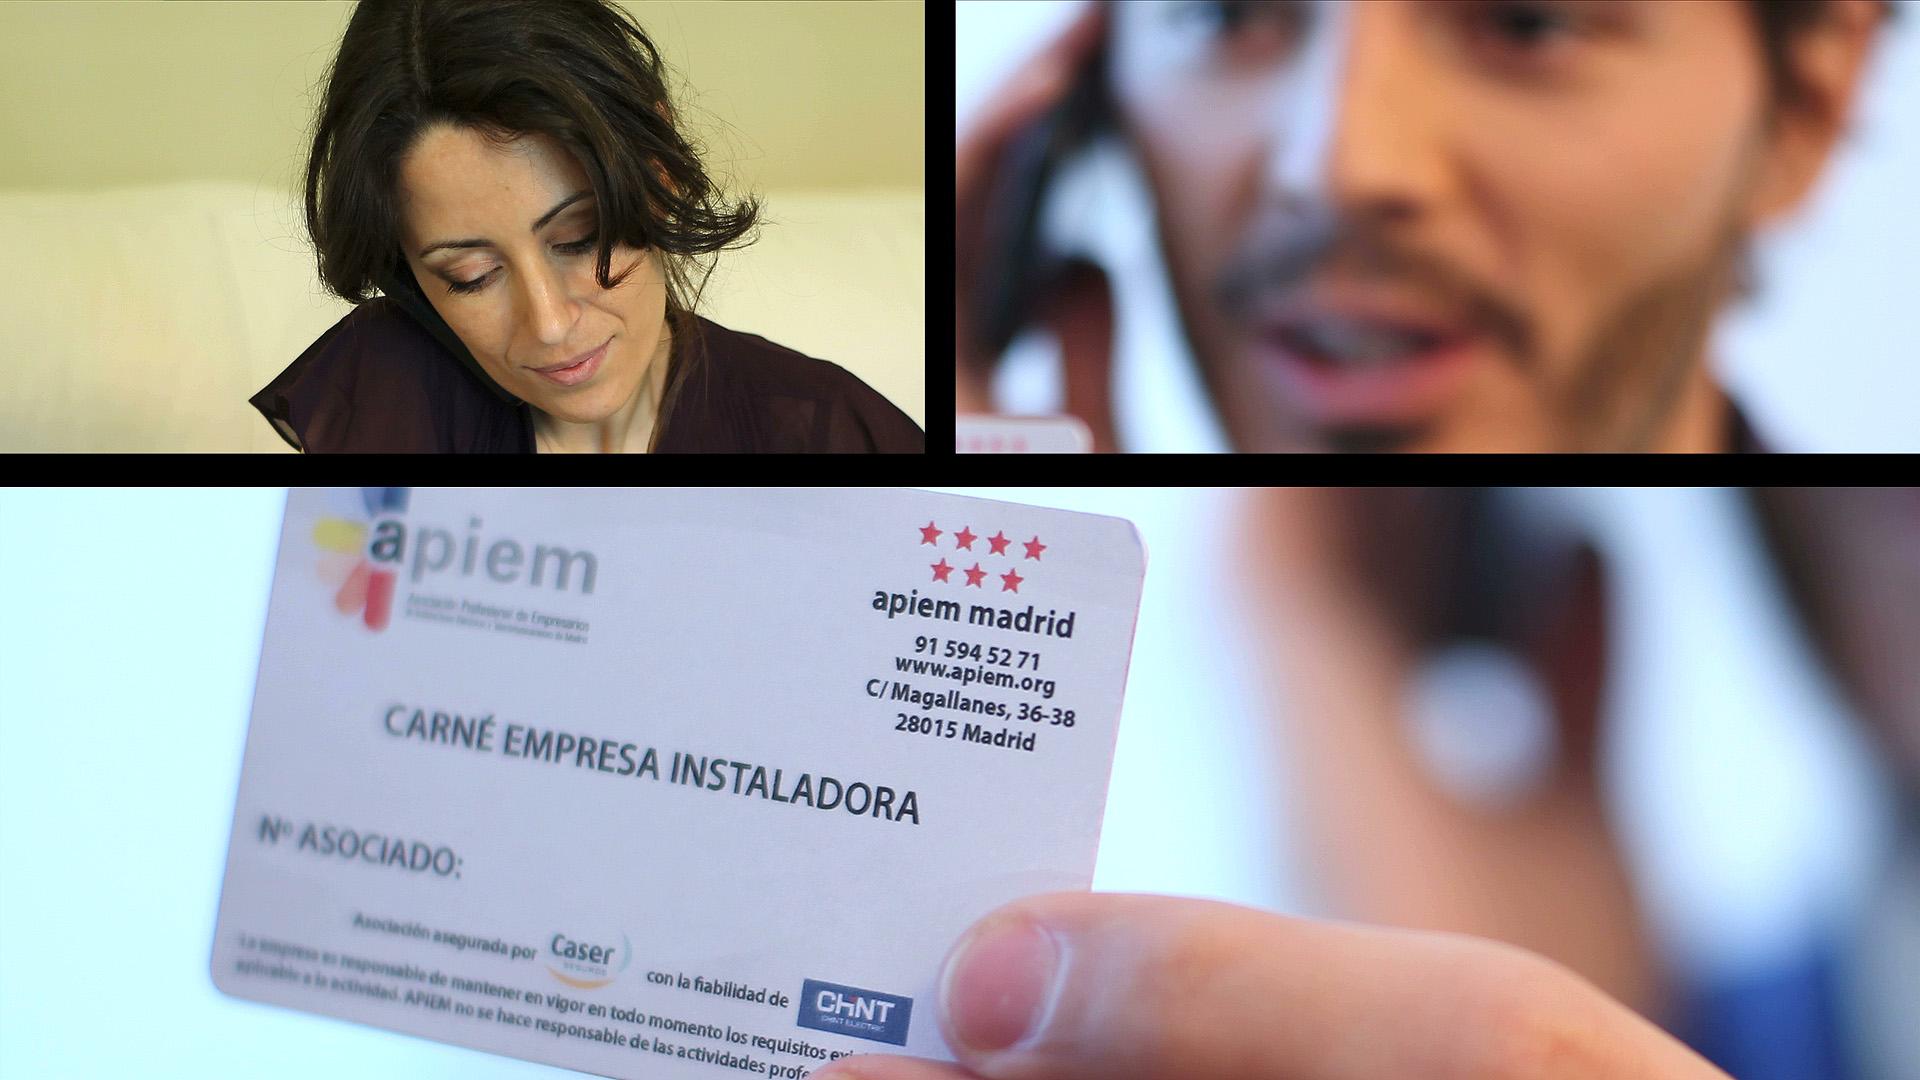 Signo Comunicación desarrolla la campaña y el spot del carnet APIEM